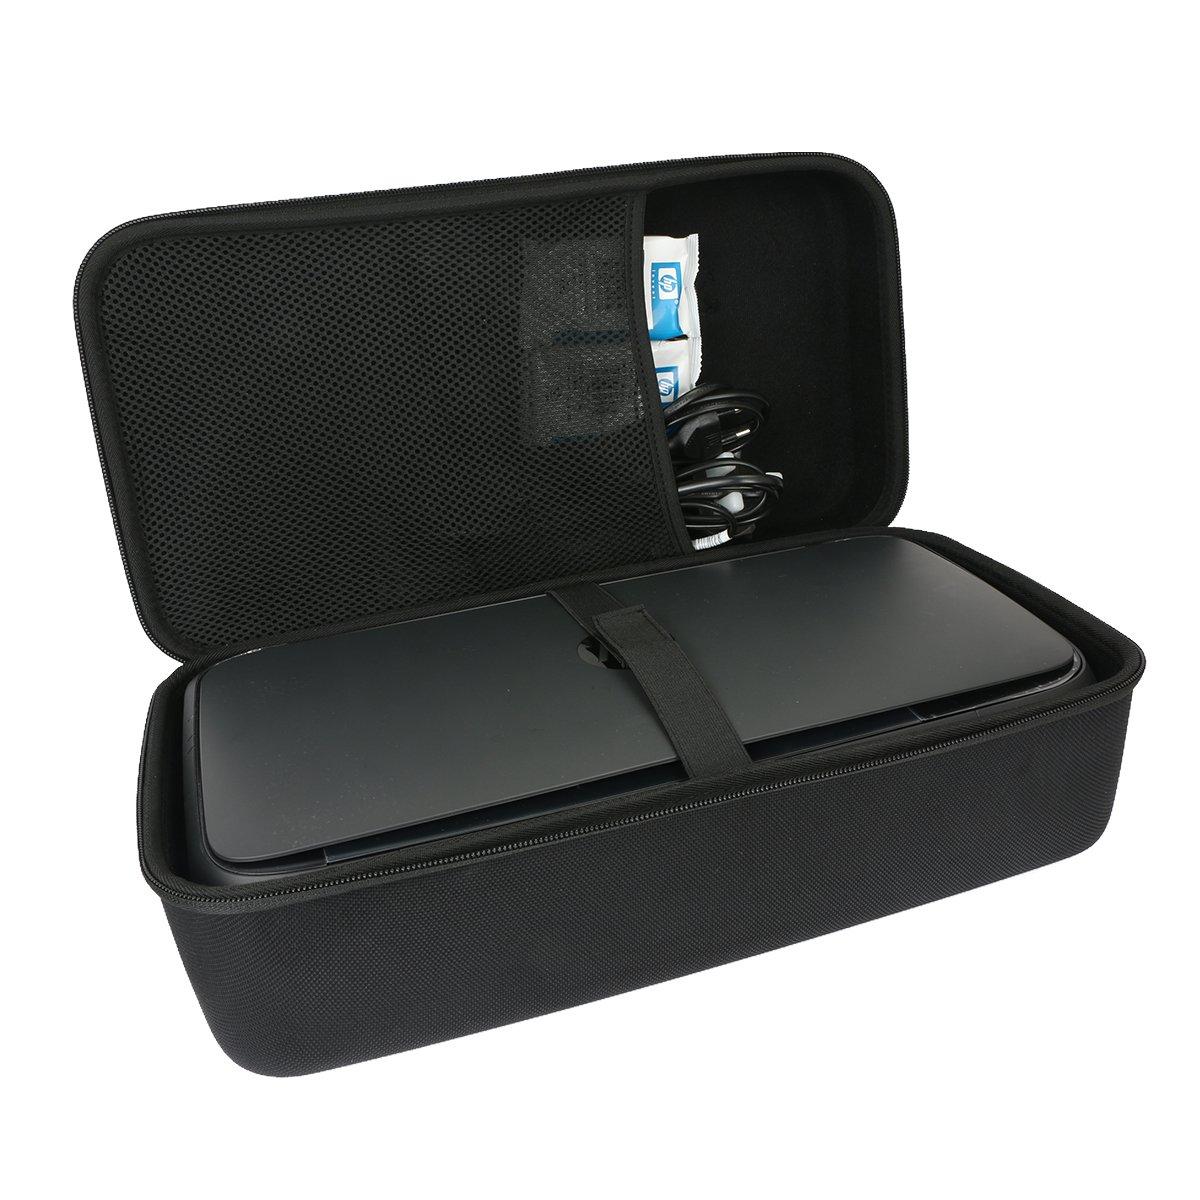 Khanka Hard Case for HP OfficeJet 250 All-in-One Portable Printer